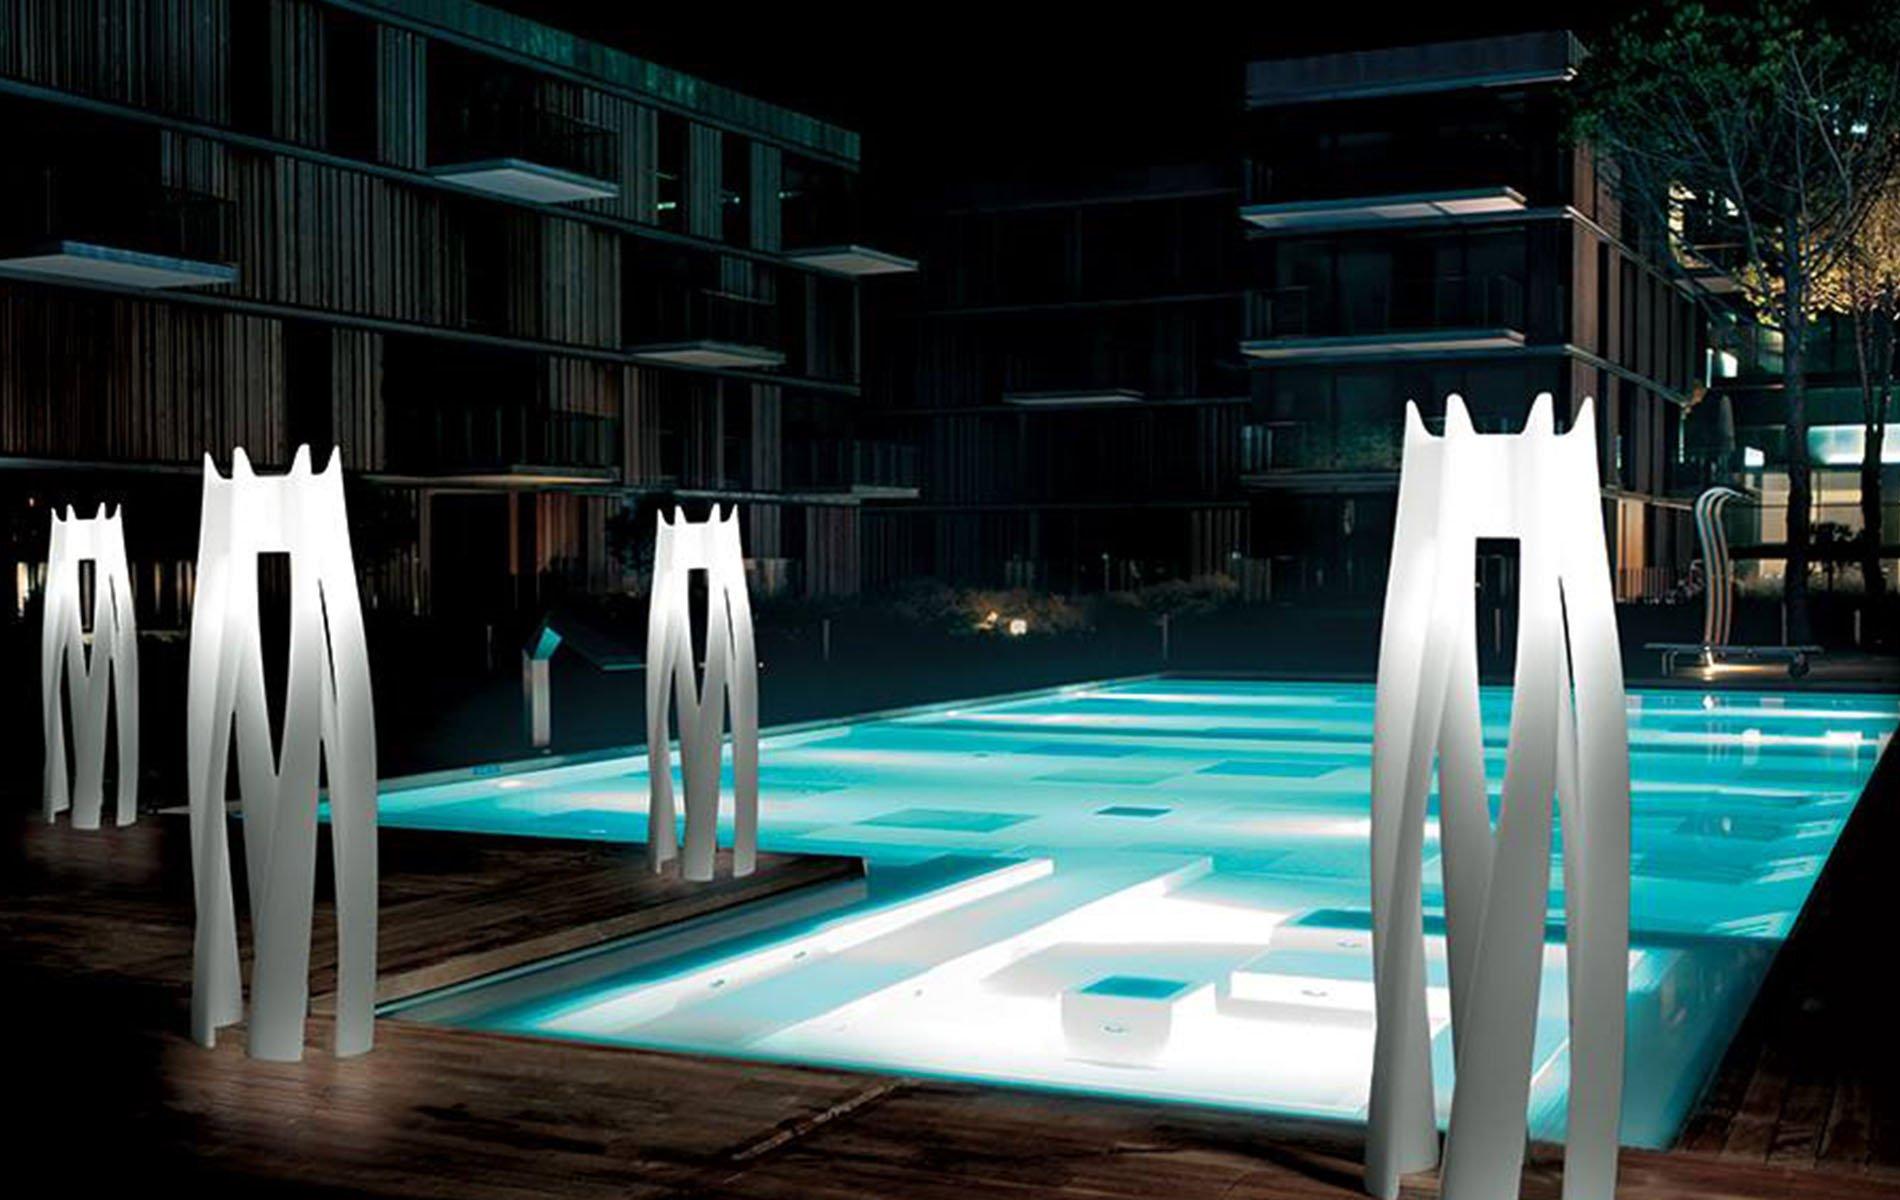 una piscina con luci a piantana di design